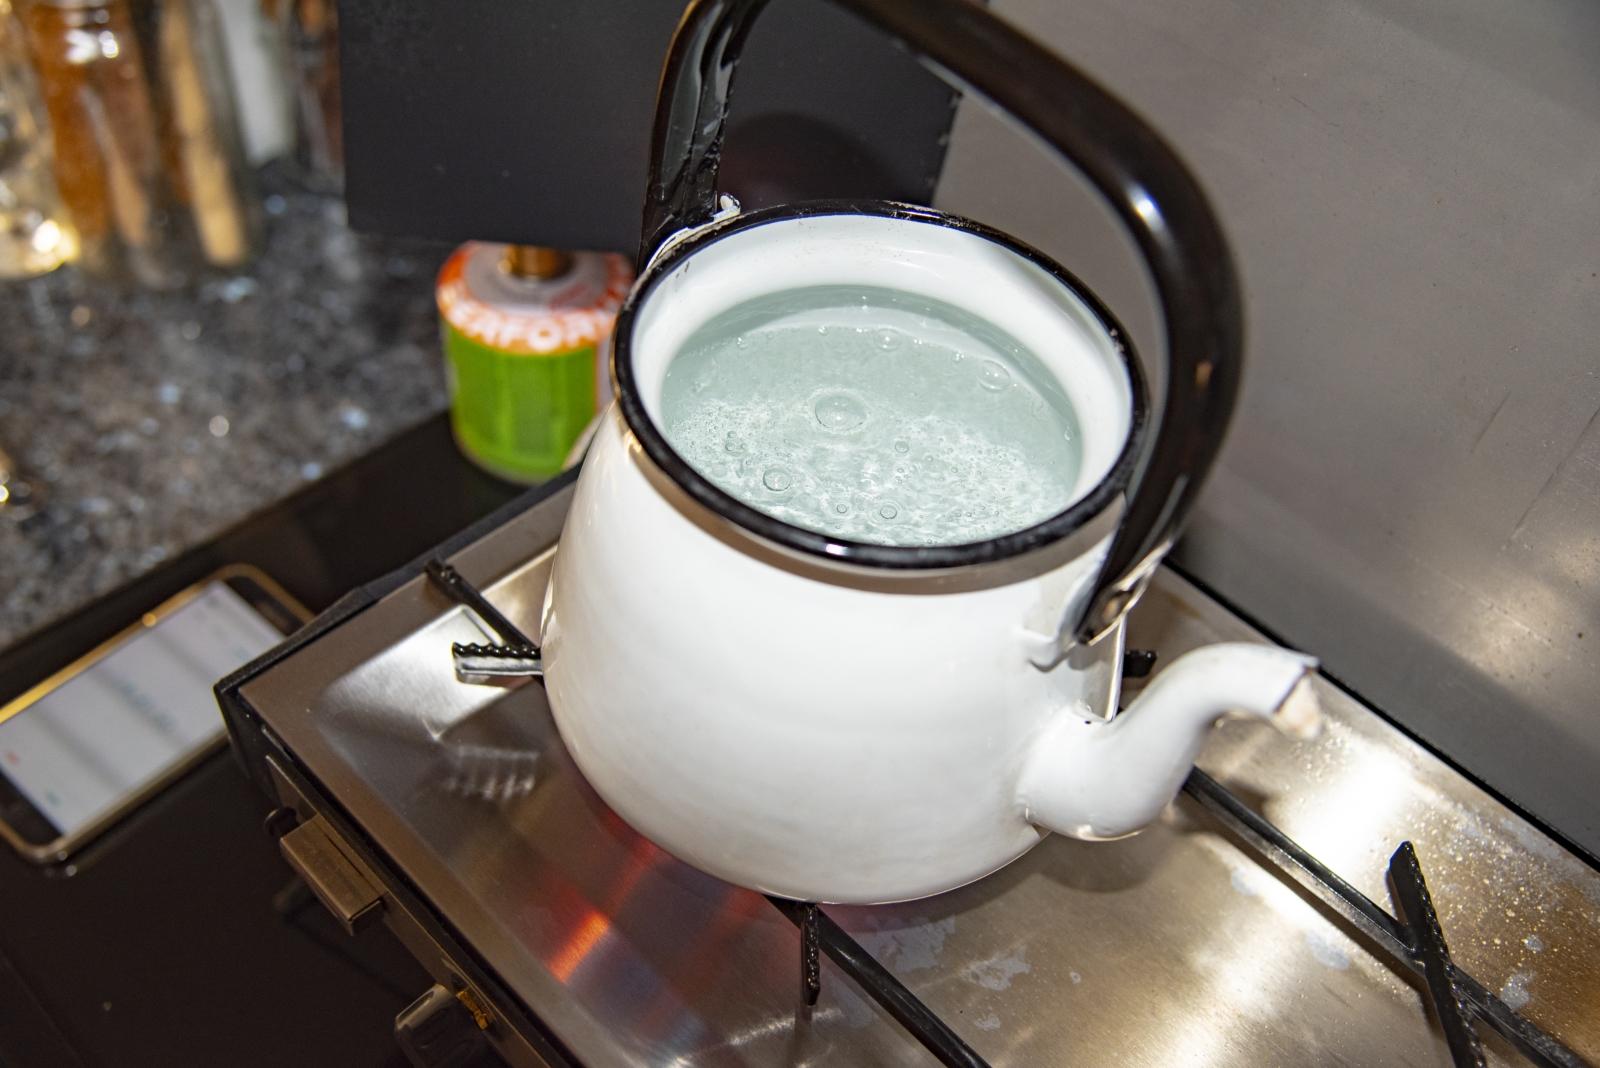 Für unseren Wasserkoch-Test haben wir einen Liter kaltes Leitungswasser und einen Emaille-Teekessel verwendet. Den Deckel des Kessels ließen wir offen, um den genauen Kochzeitpunkt sehen zu können. Die Zeit bis ein Liter Wasser kocht, lässt sich mit geschlossenem Deckel daher verringern.